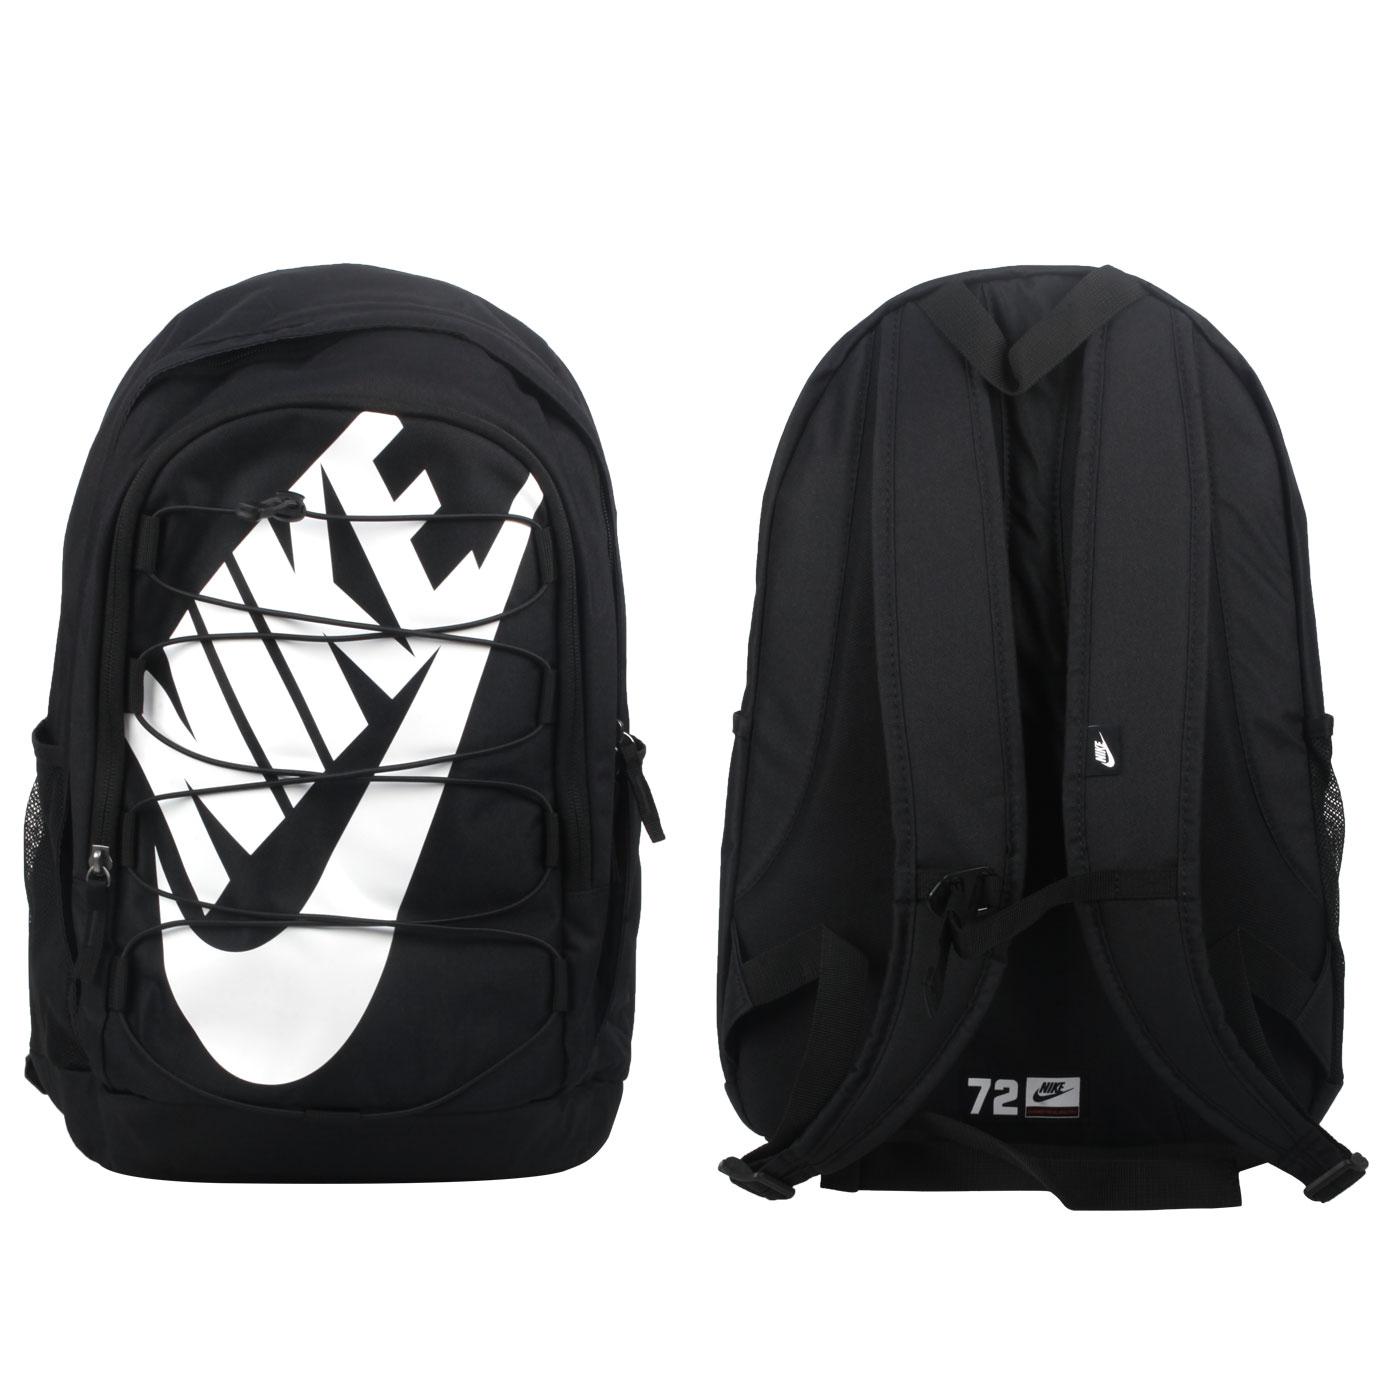 NIKE 大型後背包 BA5883-013 - 黑白